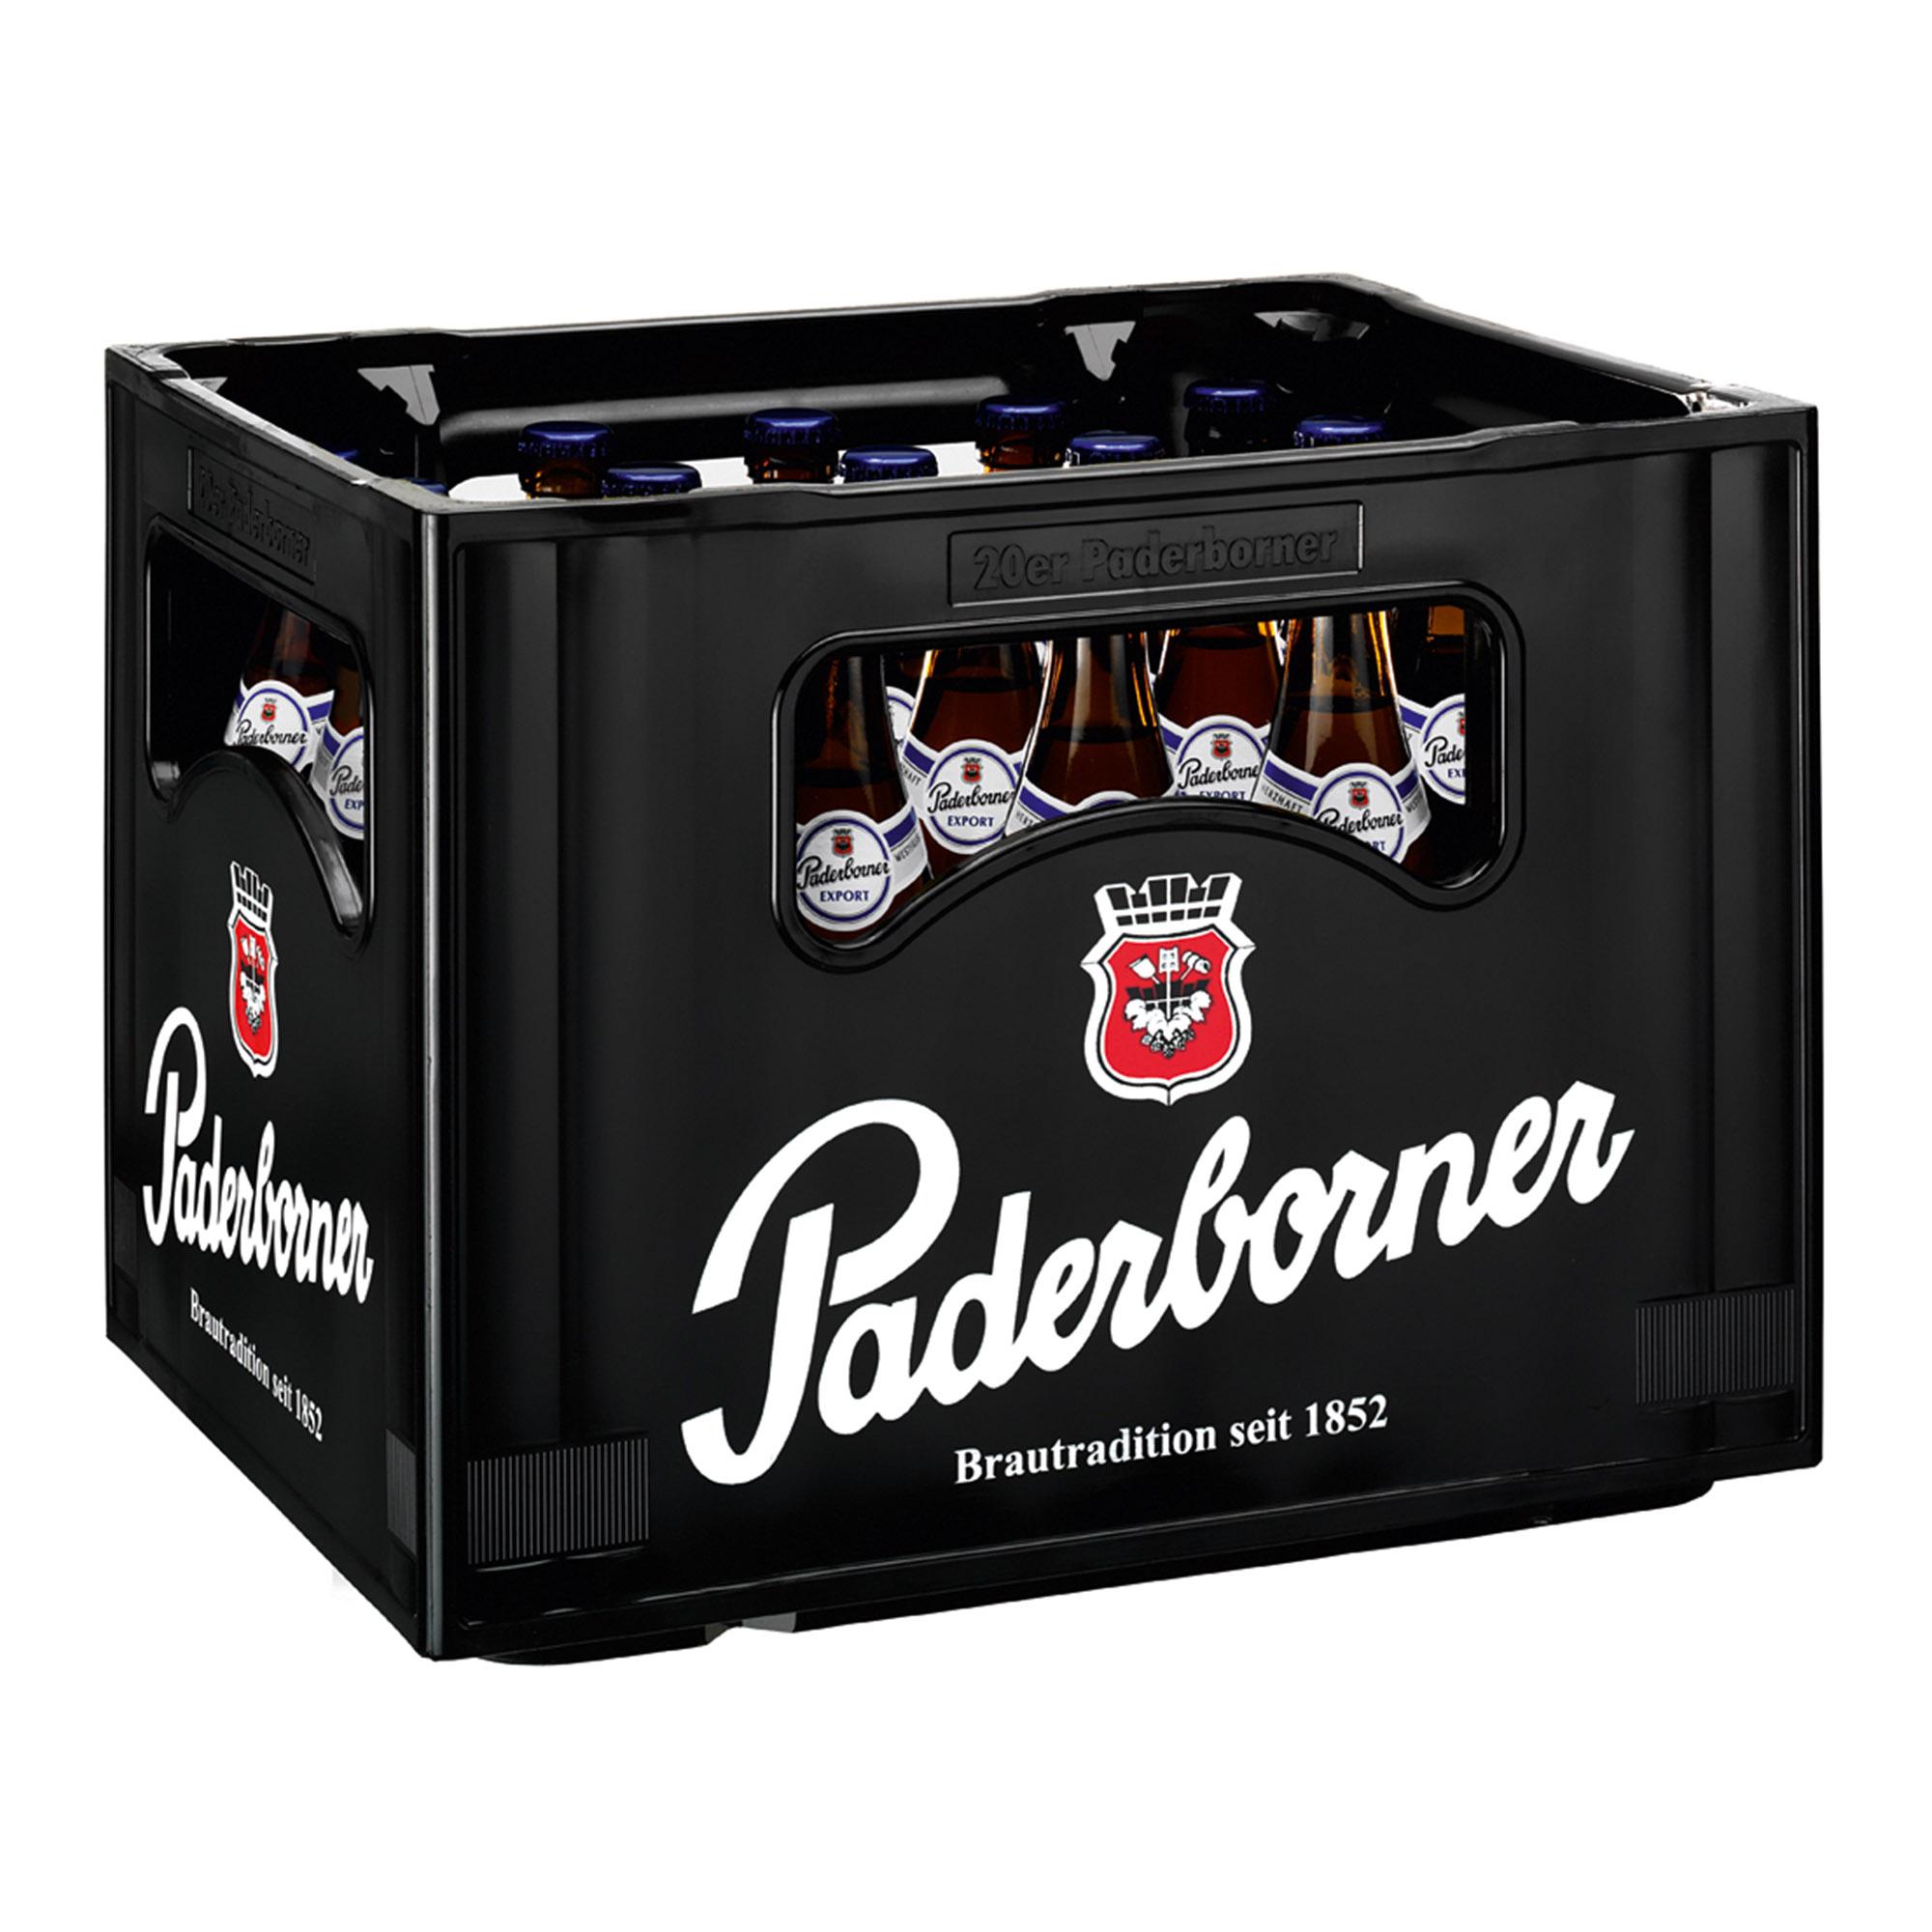 Produktabbildung Paderborner Export Kasten 20 x 0,5 l